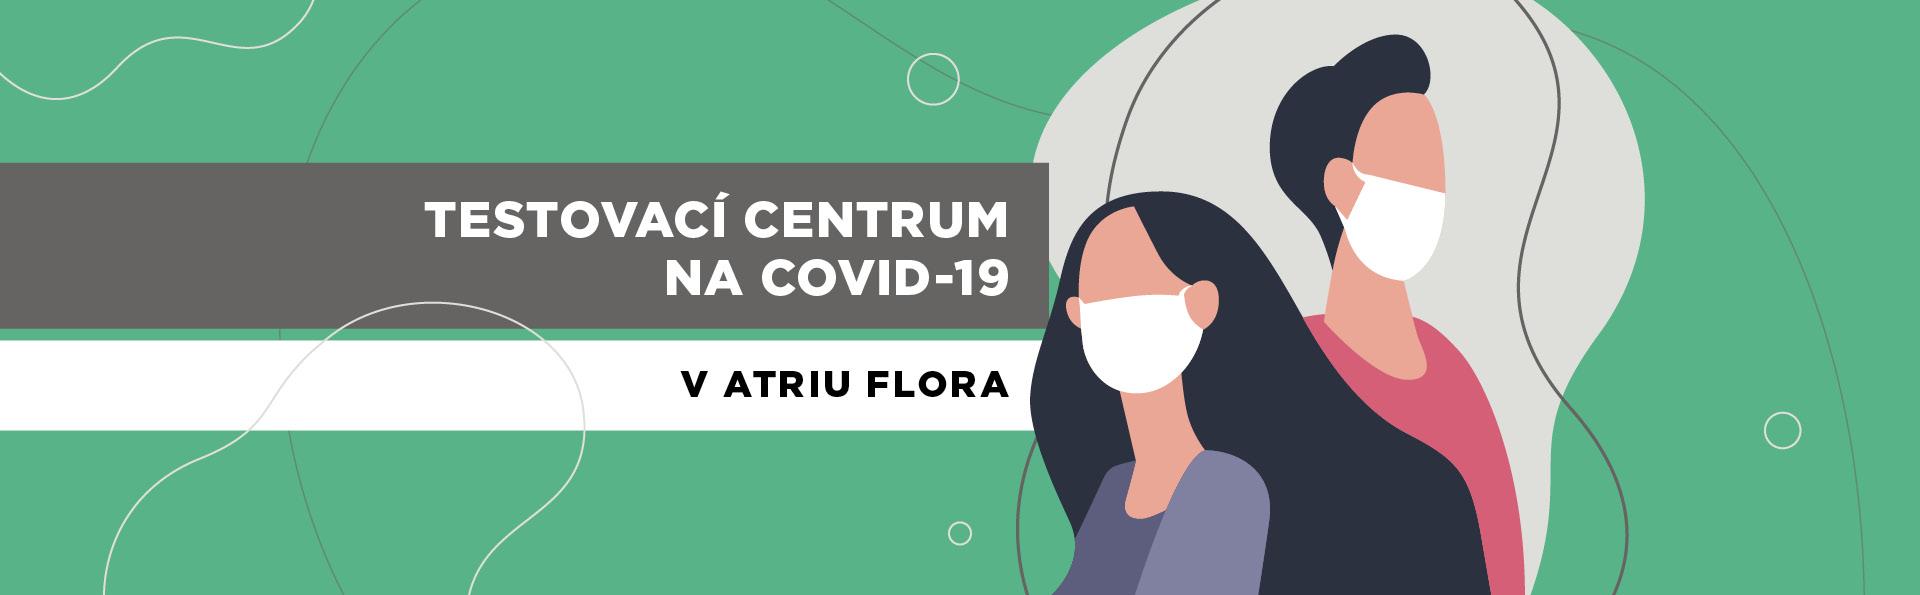 Testovací centrum na COVID-19 v Atriu Flora